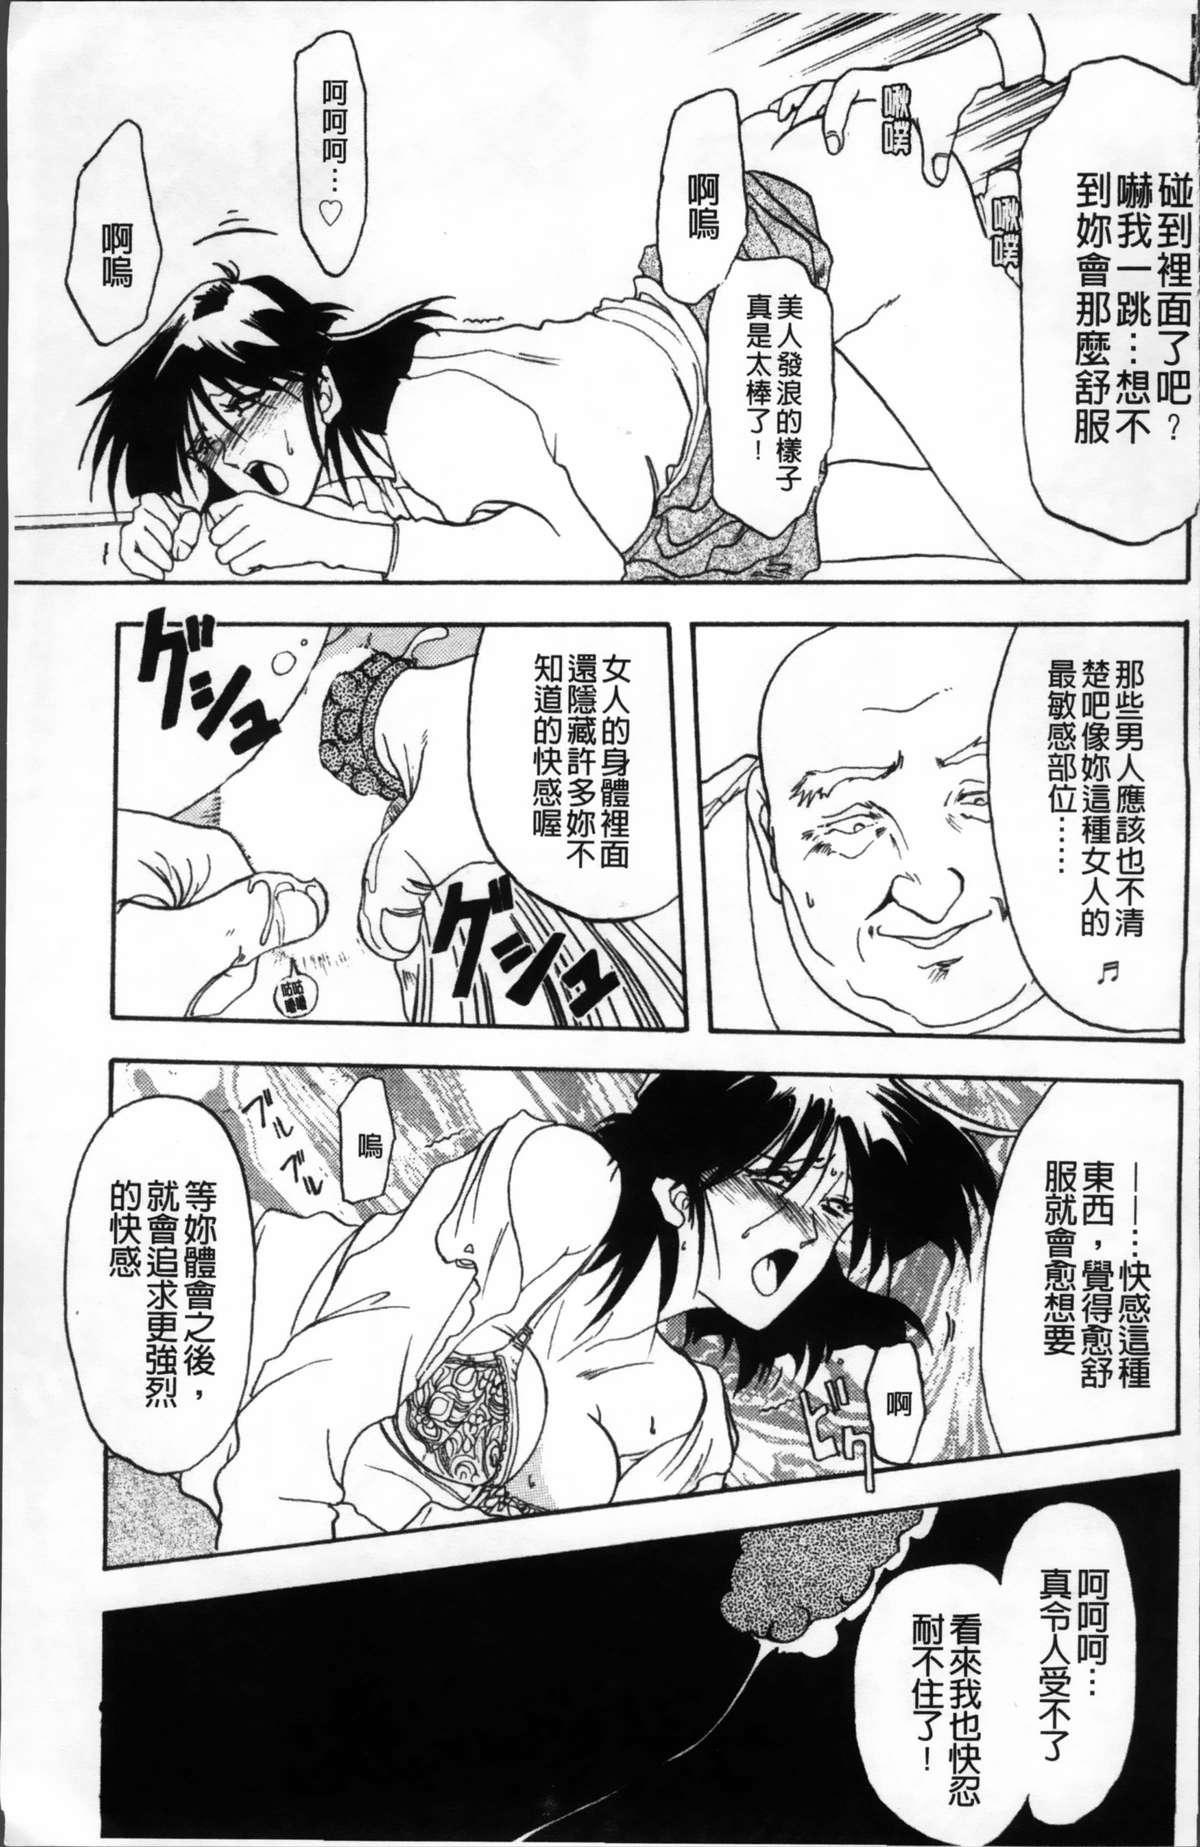 Hiiro no Koku Kanzenban   緋色之刻 完全版 104